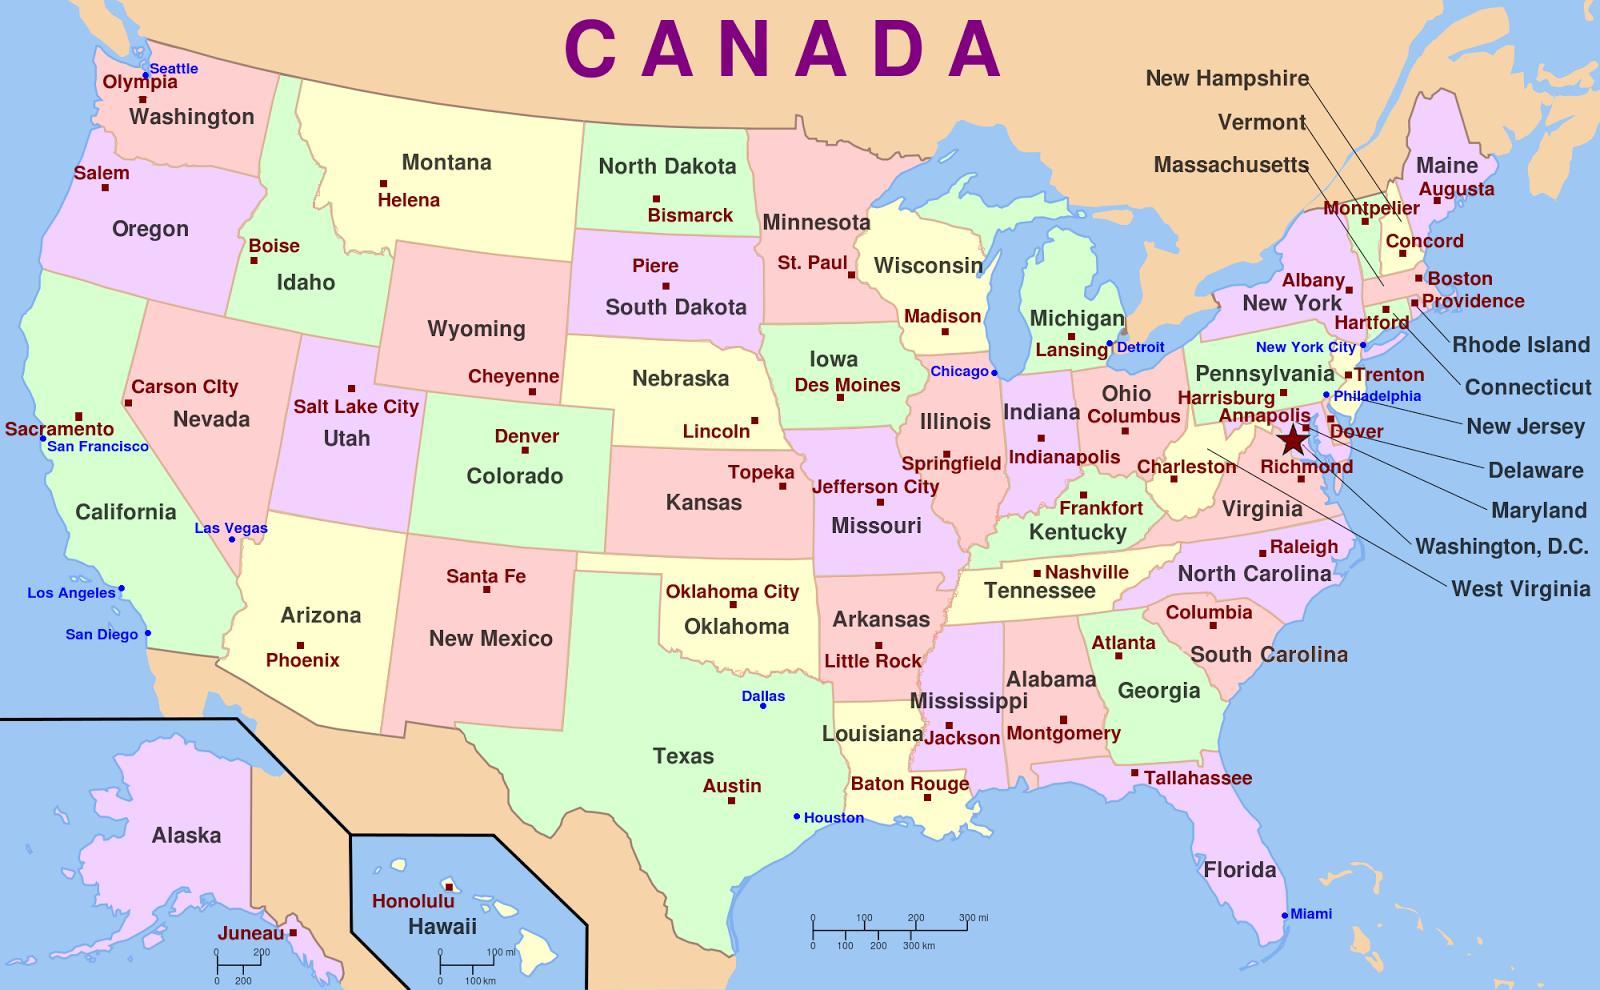 Mapa Sad Sa Glavne Gradove Nas Mapu I Gradove Sjevernoj Americi